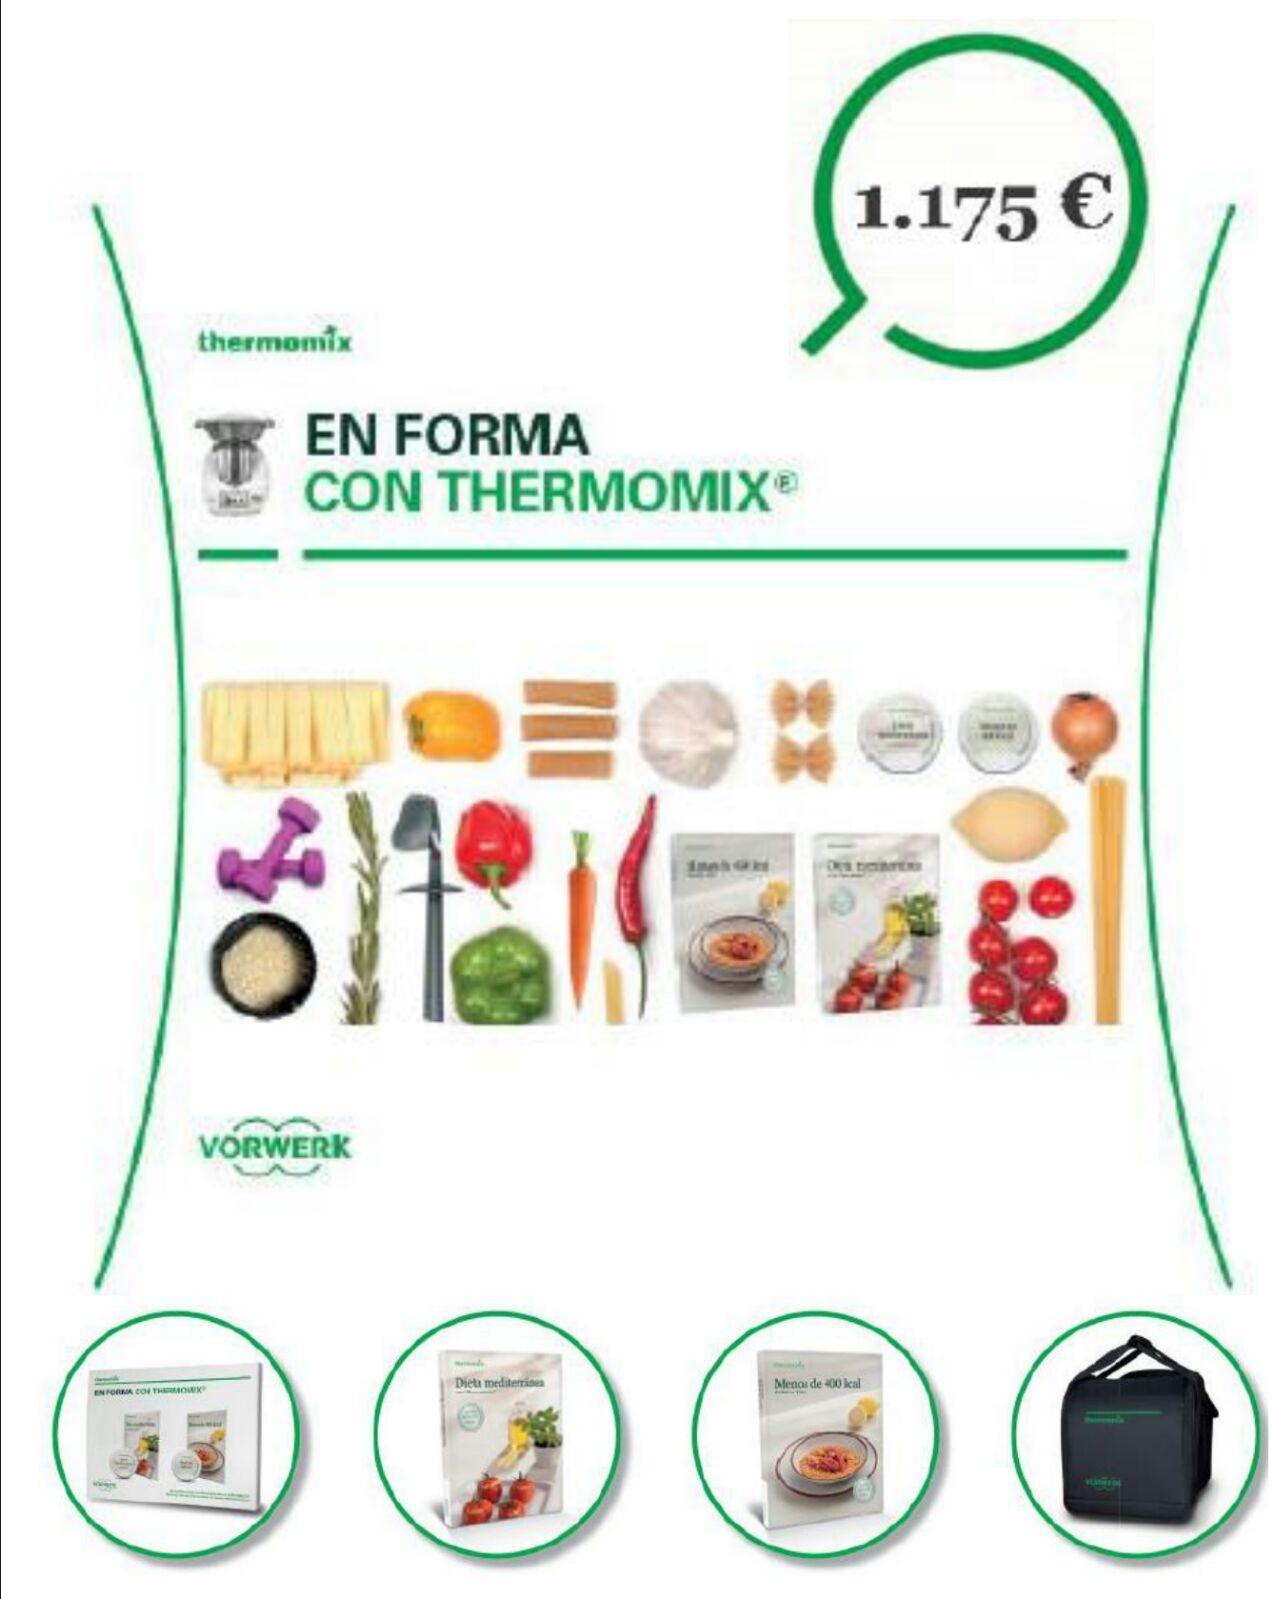 Edición PONTE EN FORMA con Thermomix®